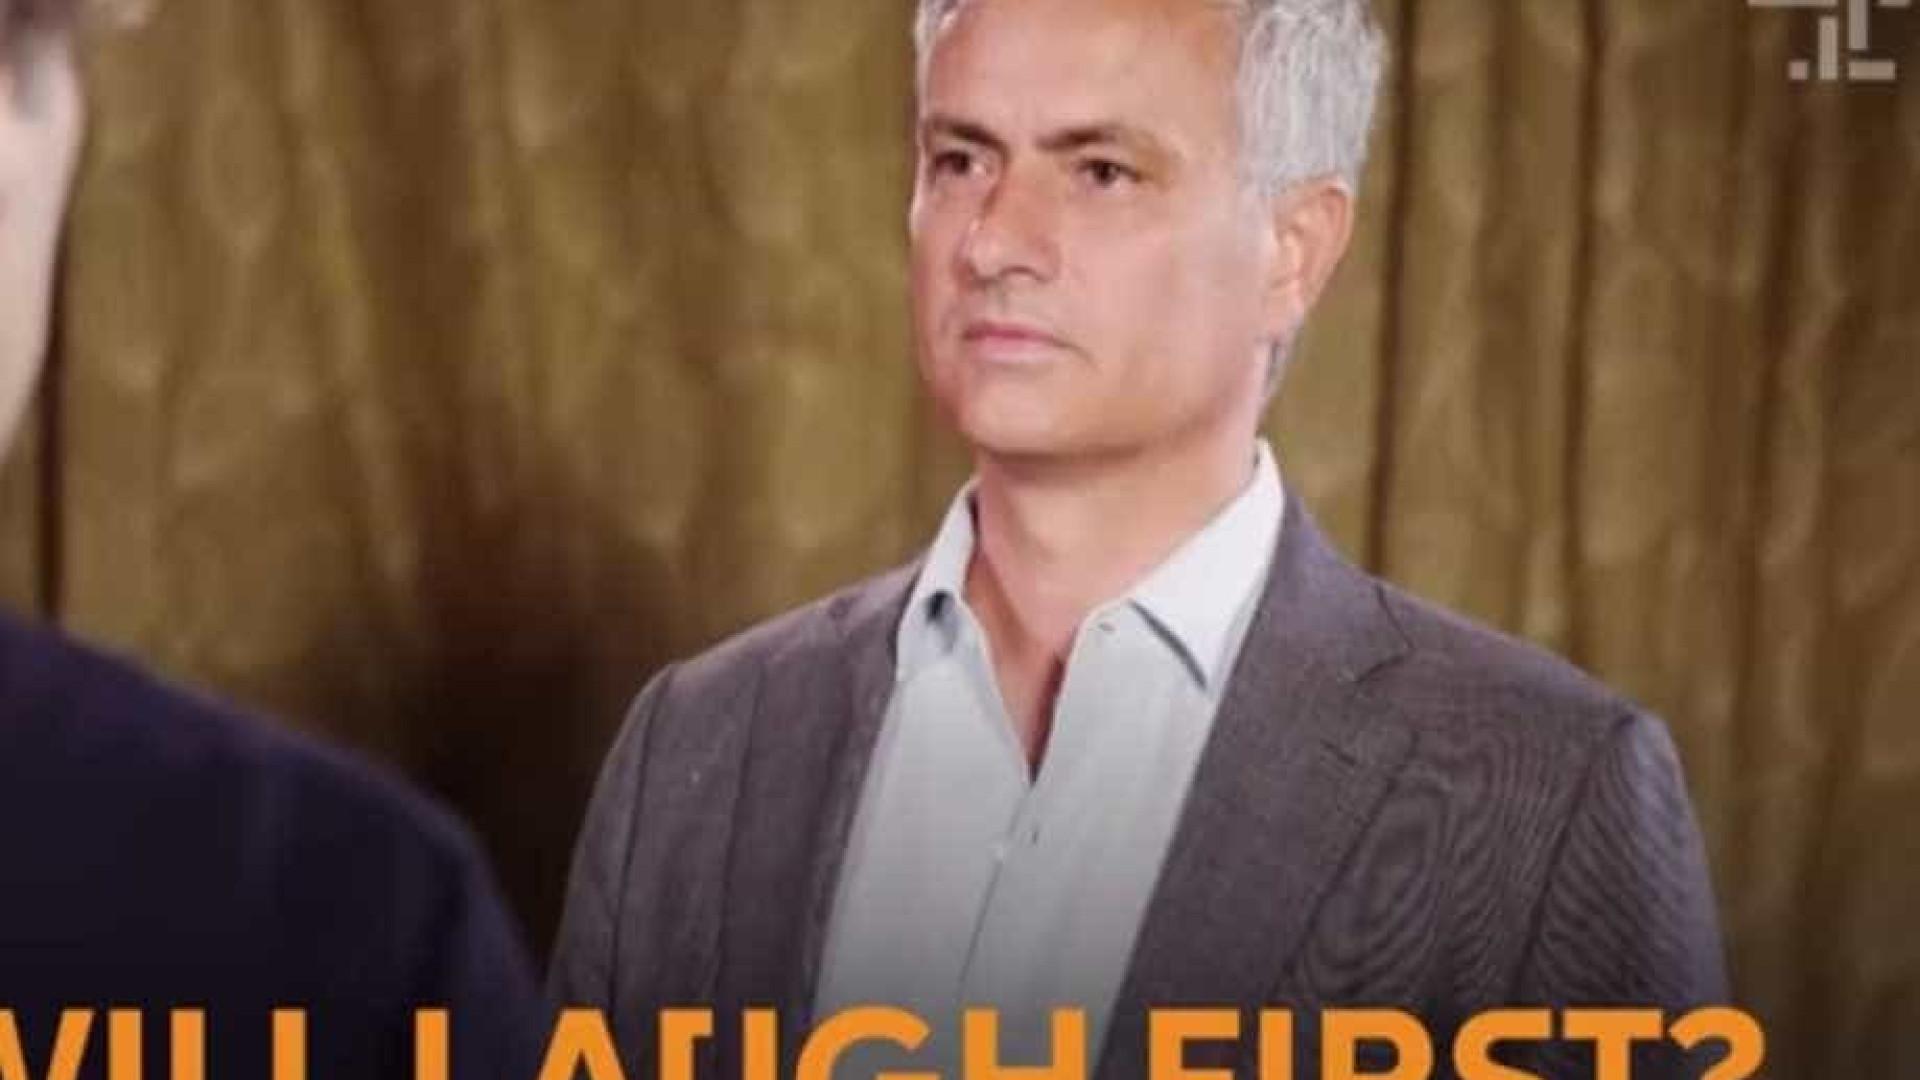 Conseguirá Mourinho sair vitorioso...  no jogo do sério?